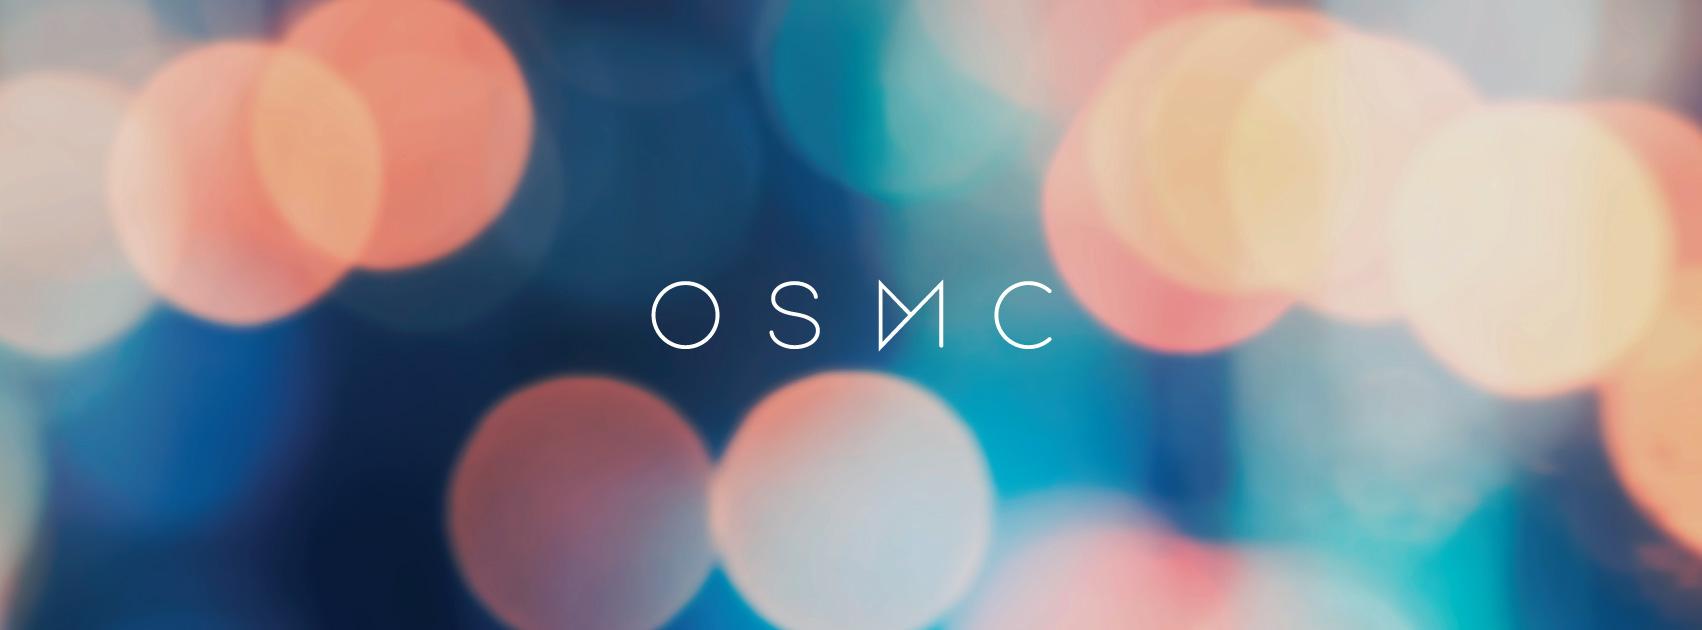 Nom : OSMC_FB_Banner.jpg Affichages : 16917 Taille : 121,5 Ko